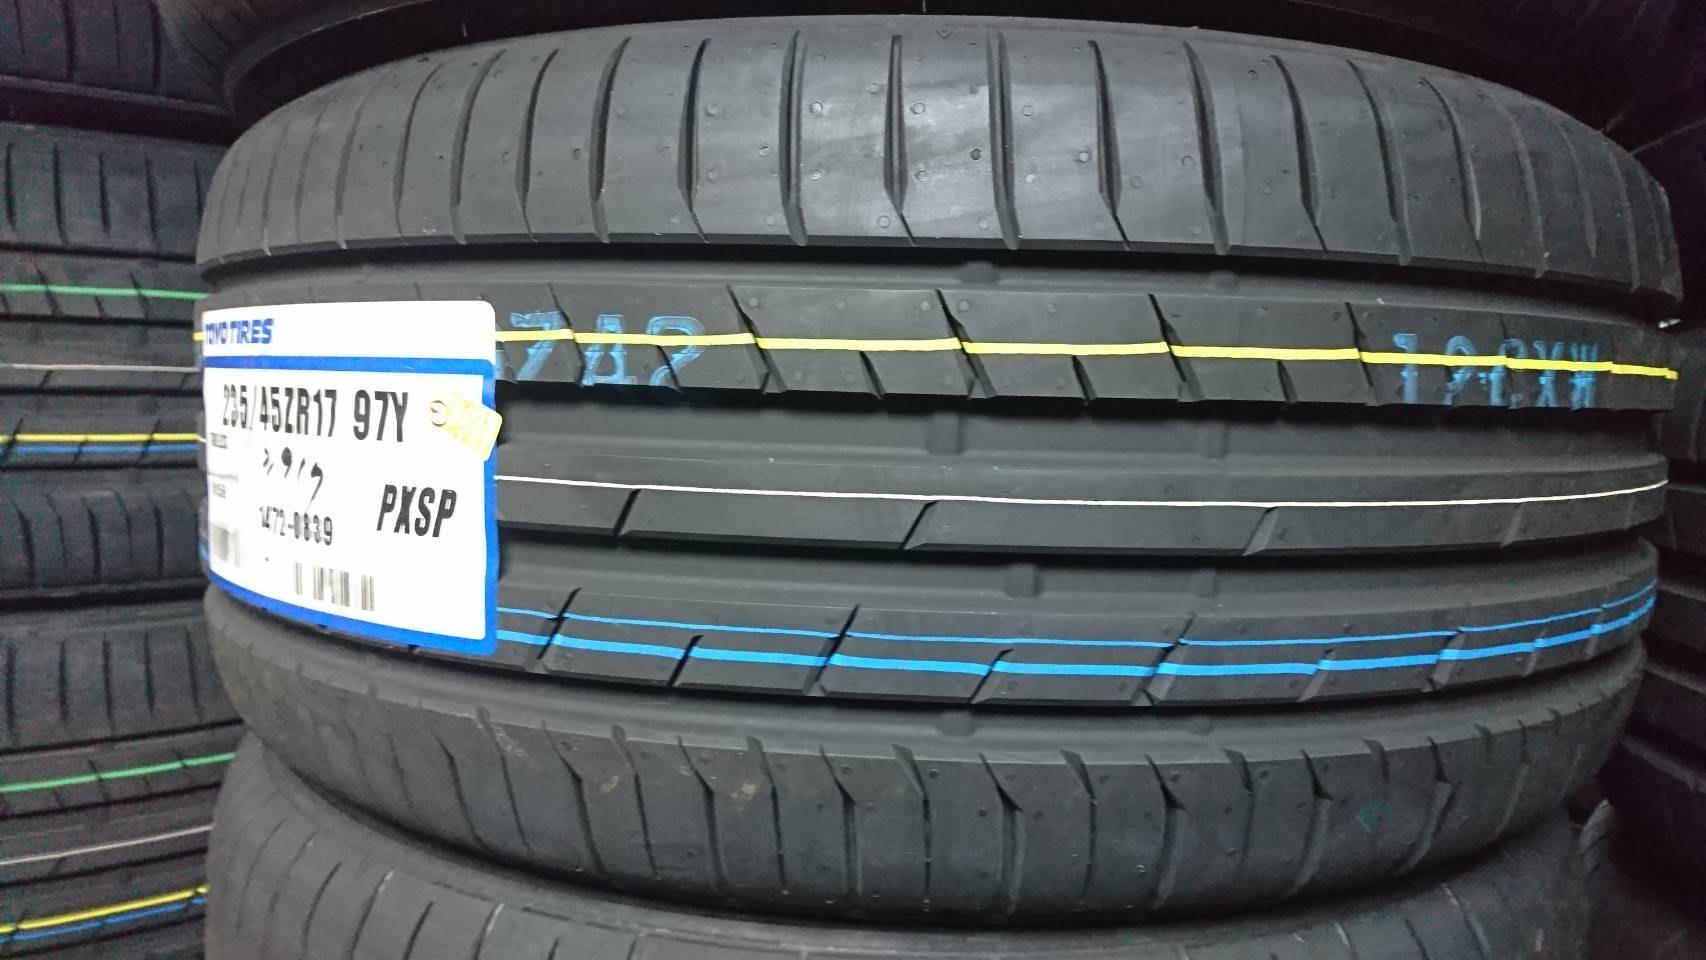 {板橋 蘇} TOYO PXSP 旗艦胎 (日本製) KUGA 235-50-18 特價安裝 非 3ST CSC5